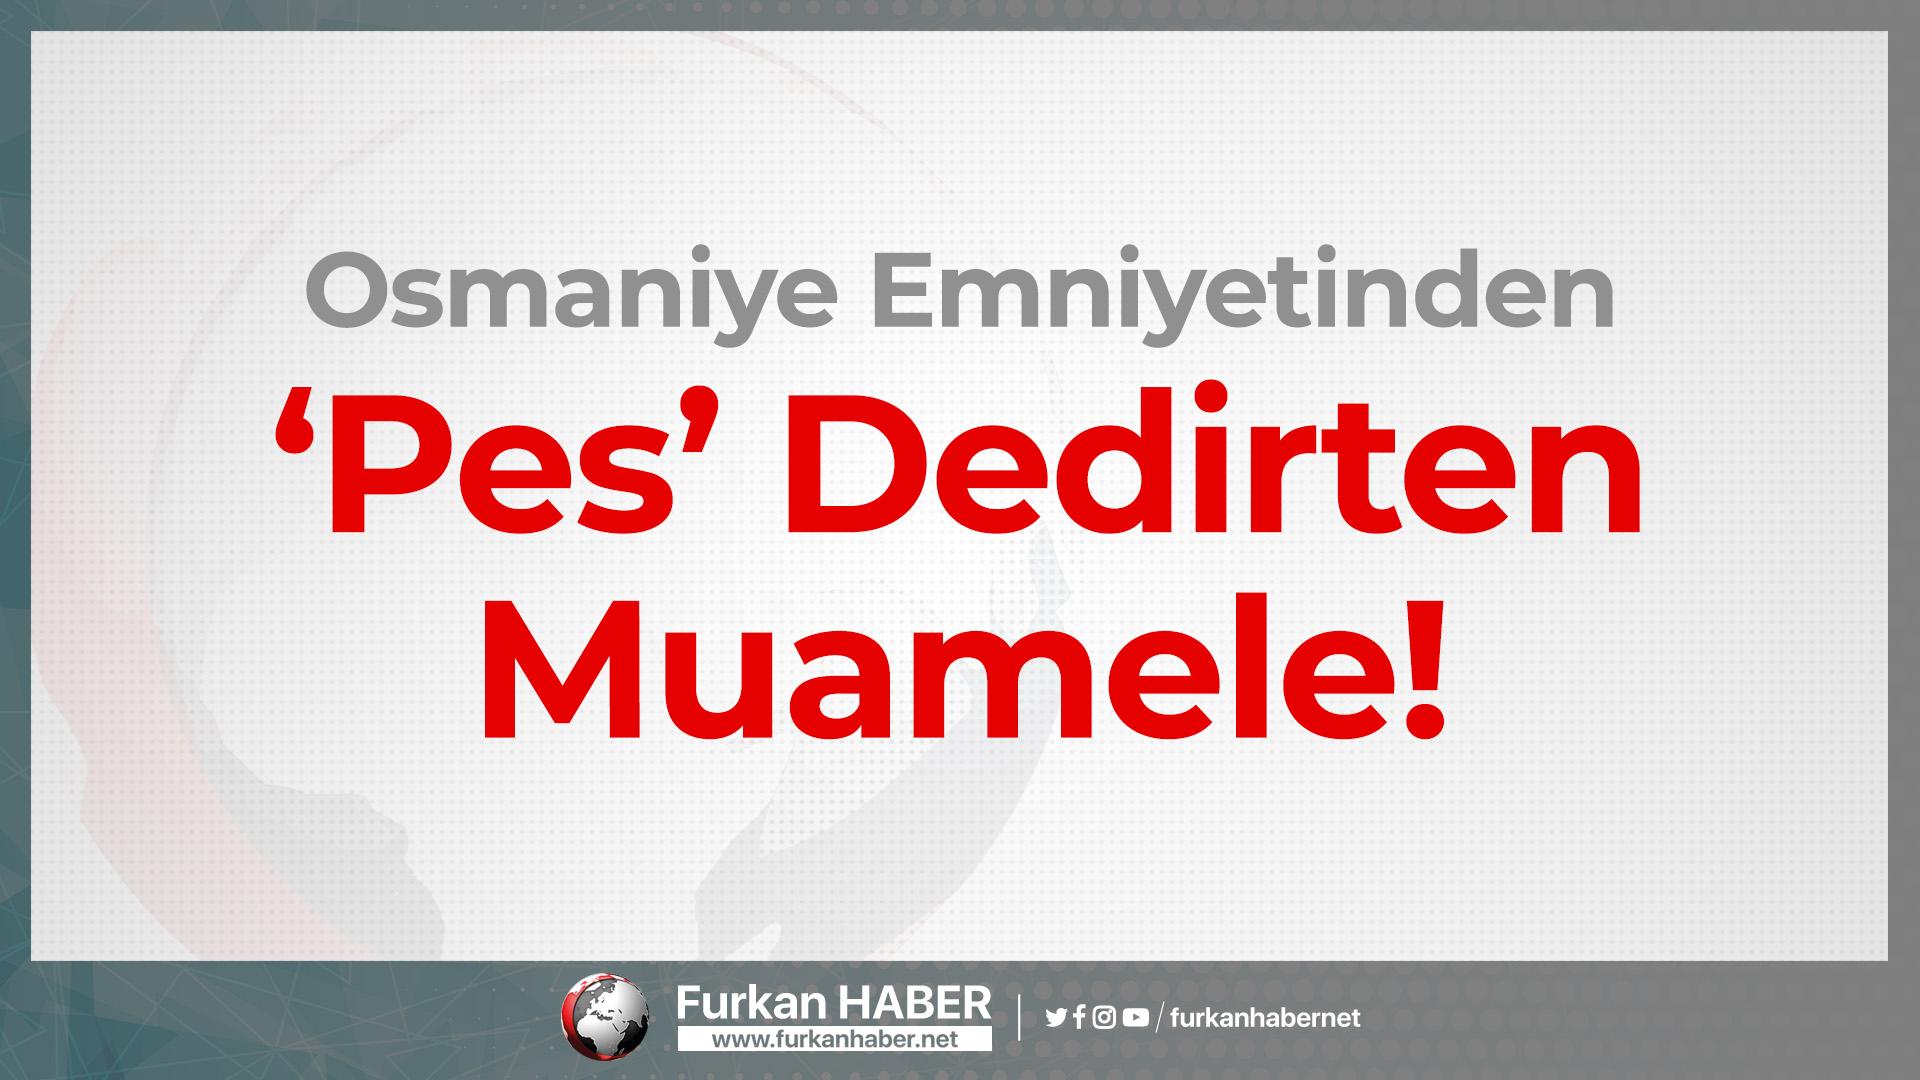 Osmaniye Emniyetinden 'Pes' Dedirten Muamele!